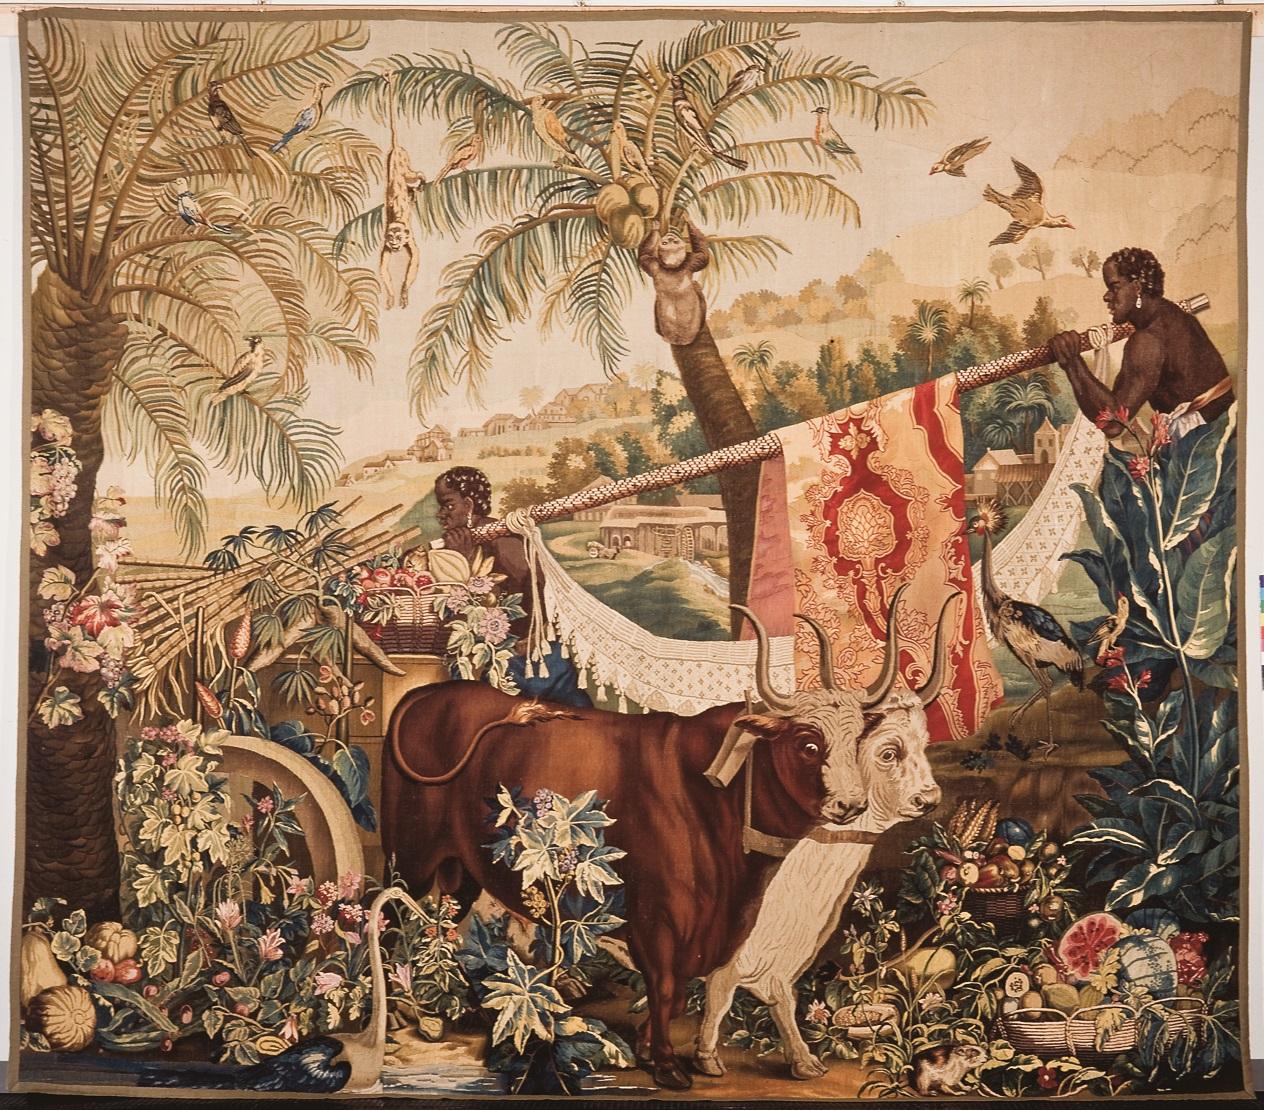 Os Dois Touros (Série das Pequenas Indias) MASP, Museu de Arte de São Paulo Assis Chateaubriand Photo by: João L. Musa